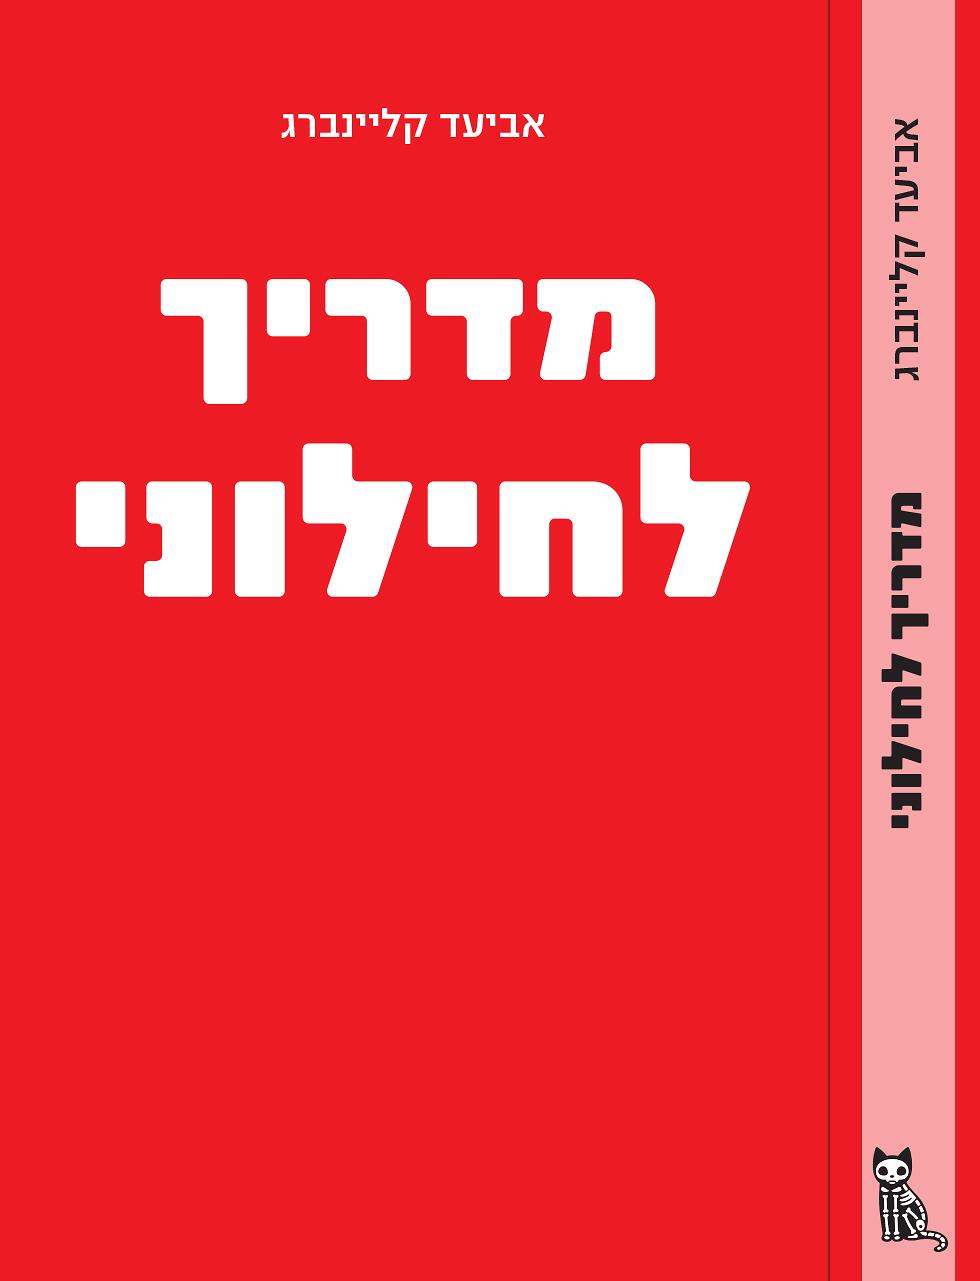 כריכה קדמית של הספר מדריך לחילוני ()